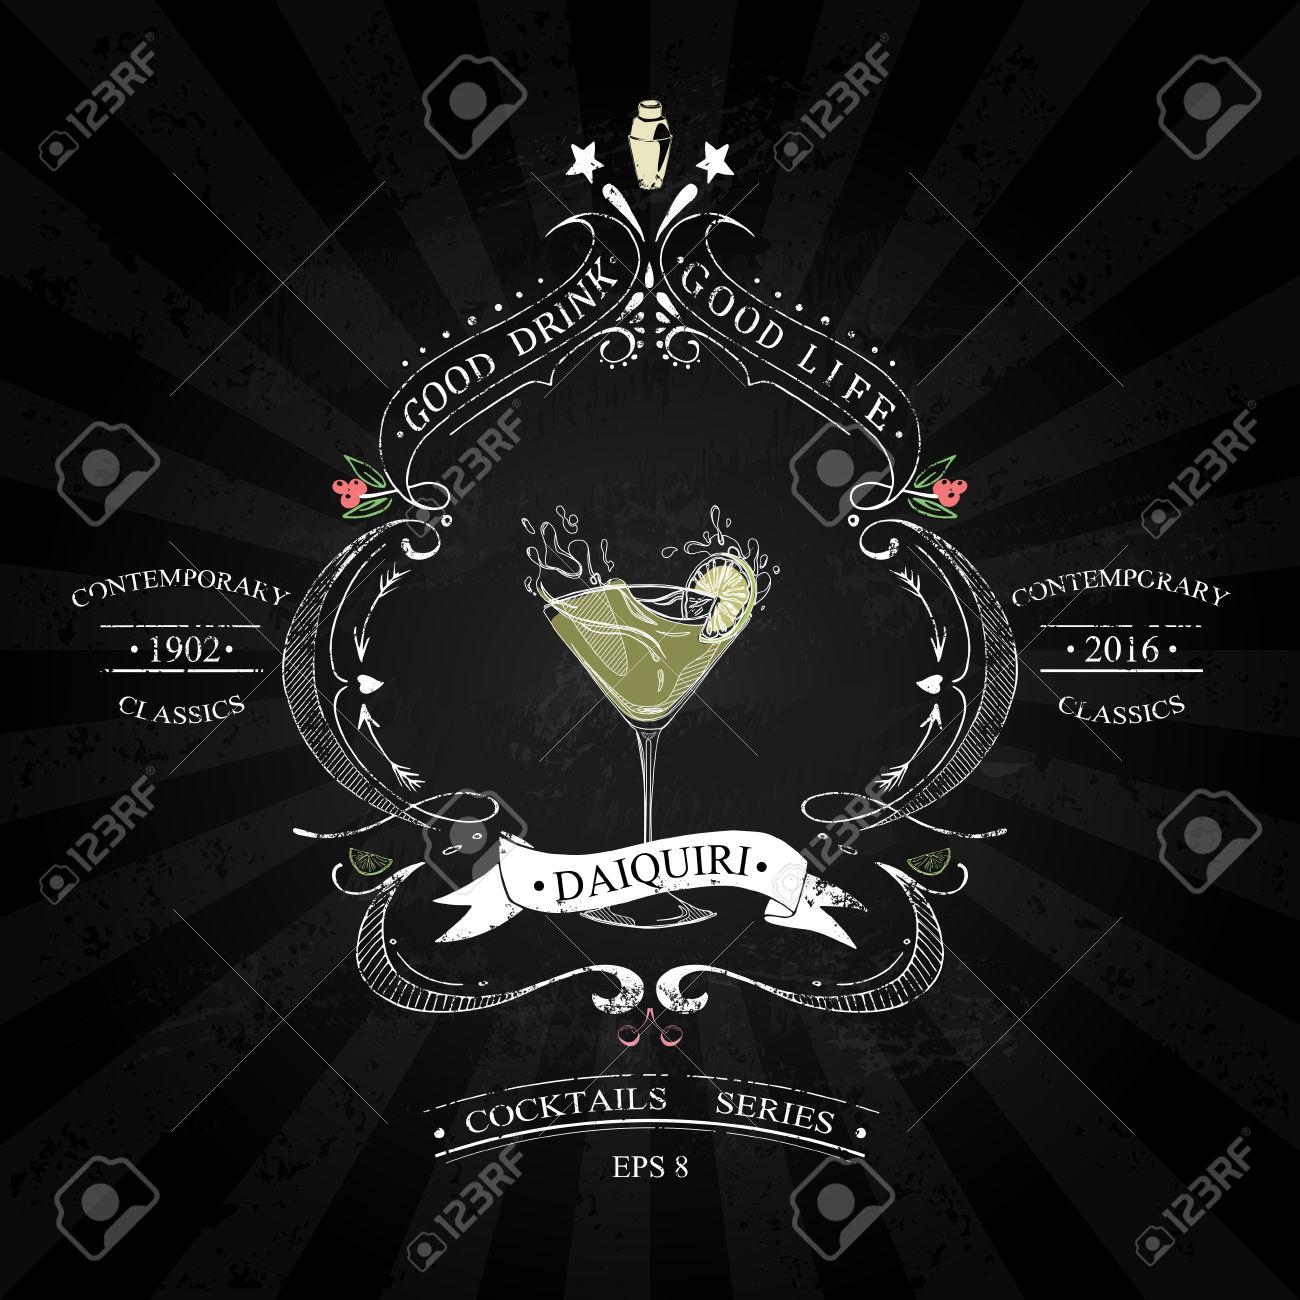 Cocktail Daiquiri In Stile Vintage Stilizzato Disegno Con Il Gesso.